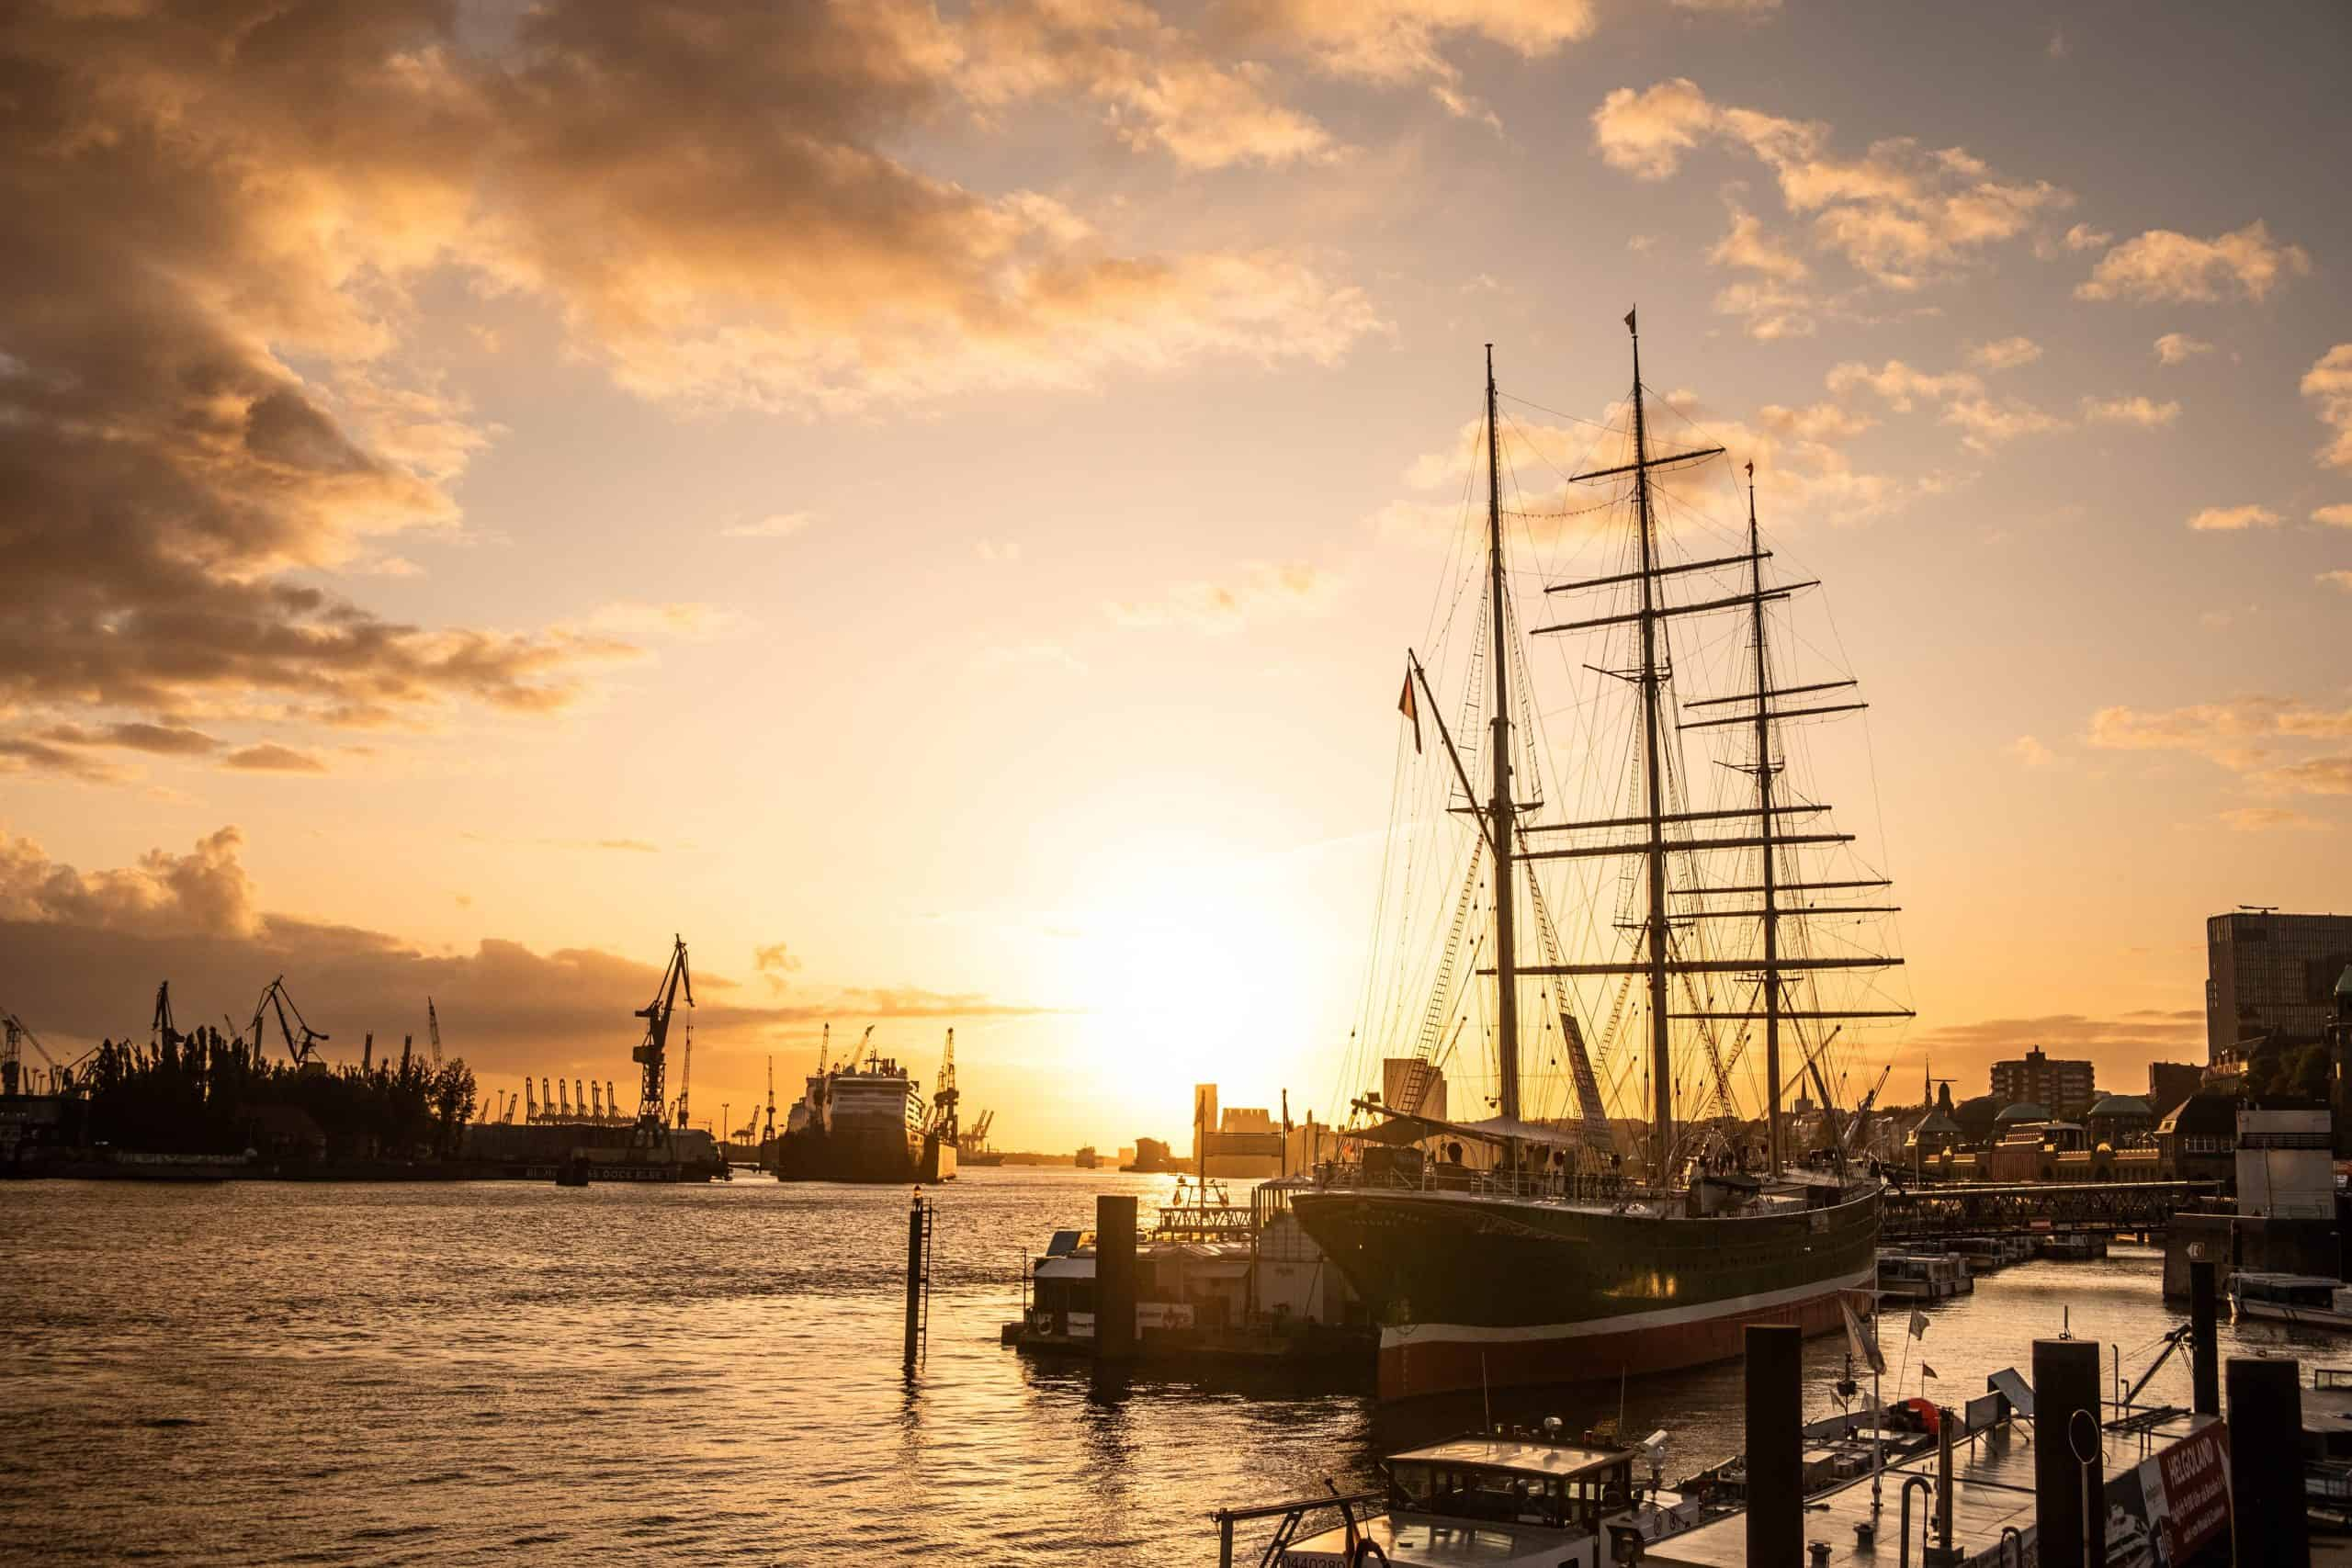 Nachhaltiger Venture Capital Investor aus Hamburg investiert in True Gum